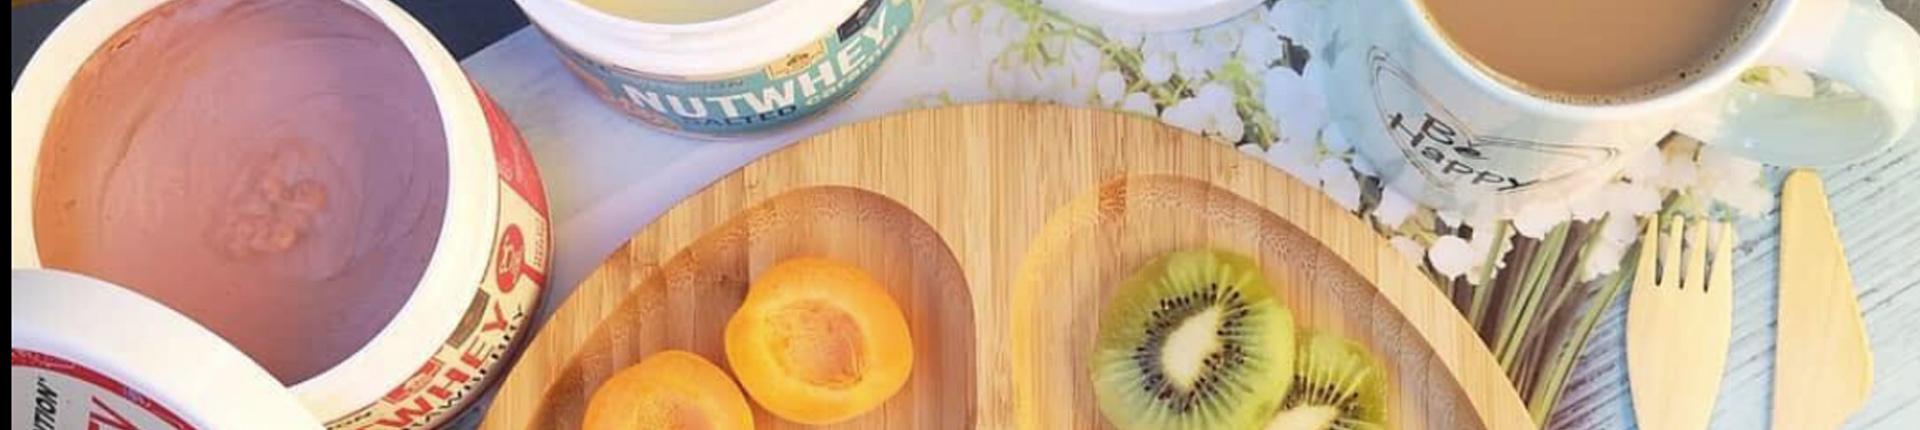 Jakie słodycze na diecie, co zamiast Nutelli? Jaki zamiennik wybrać?